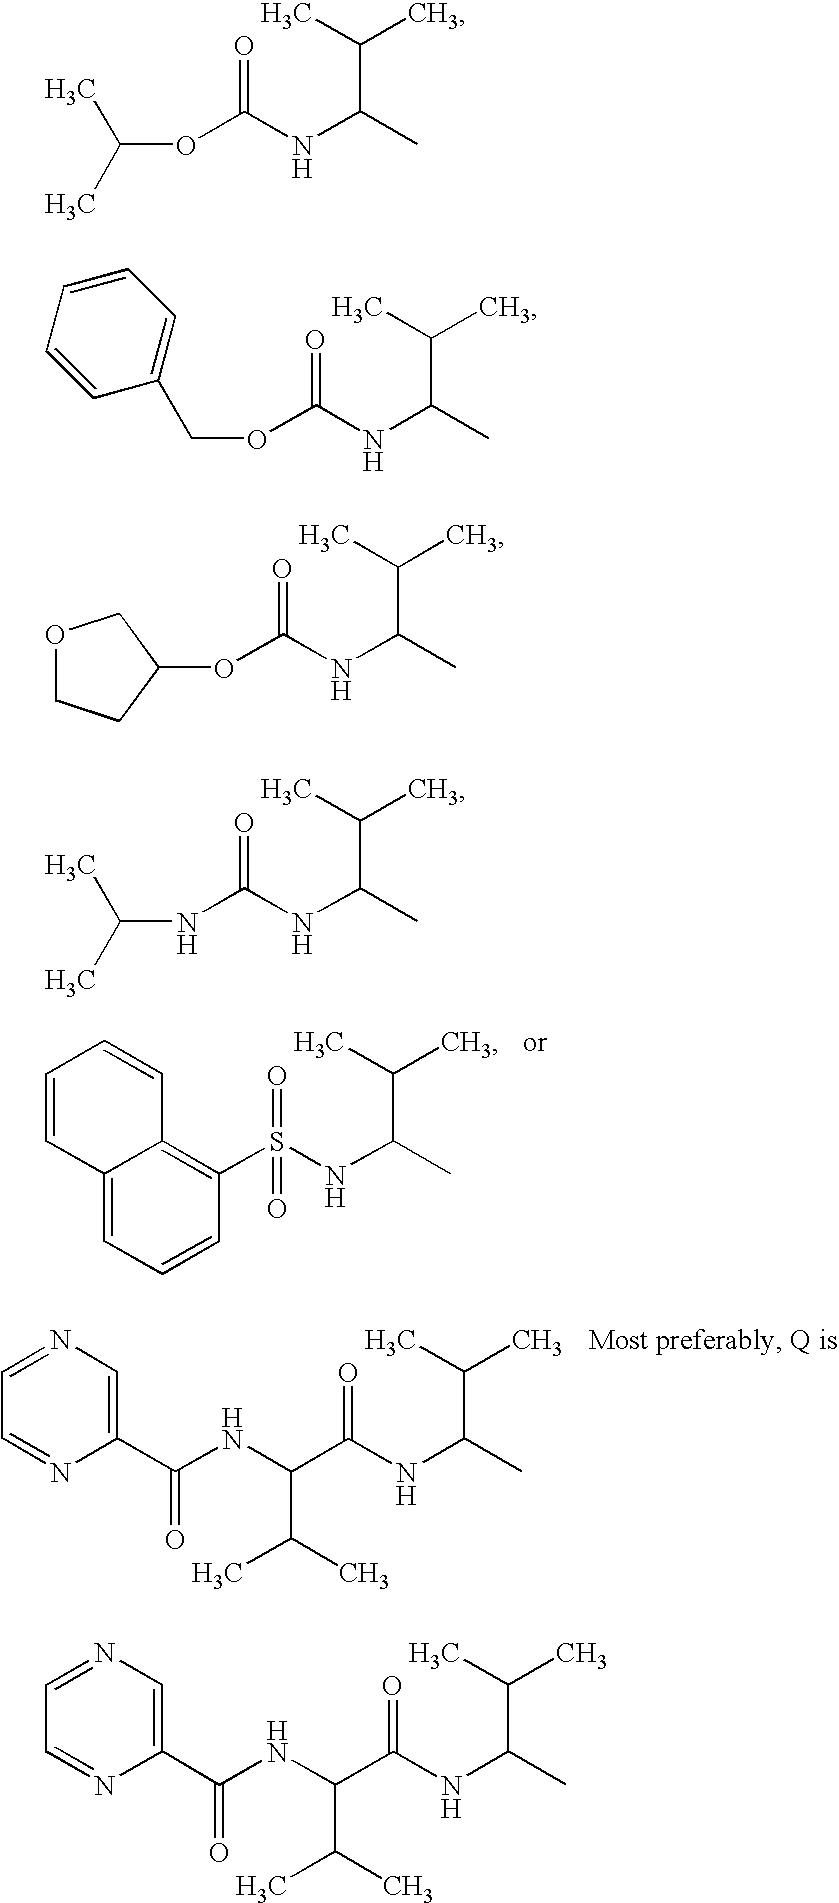 Figure US20030236242A1-20031225-C00005